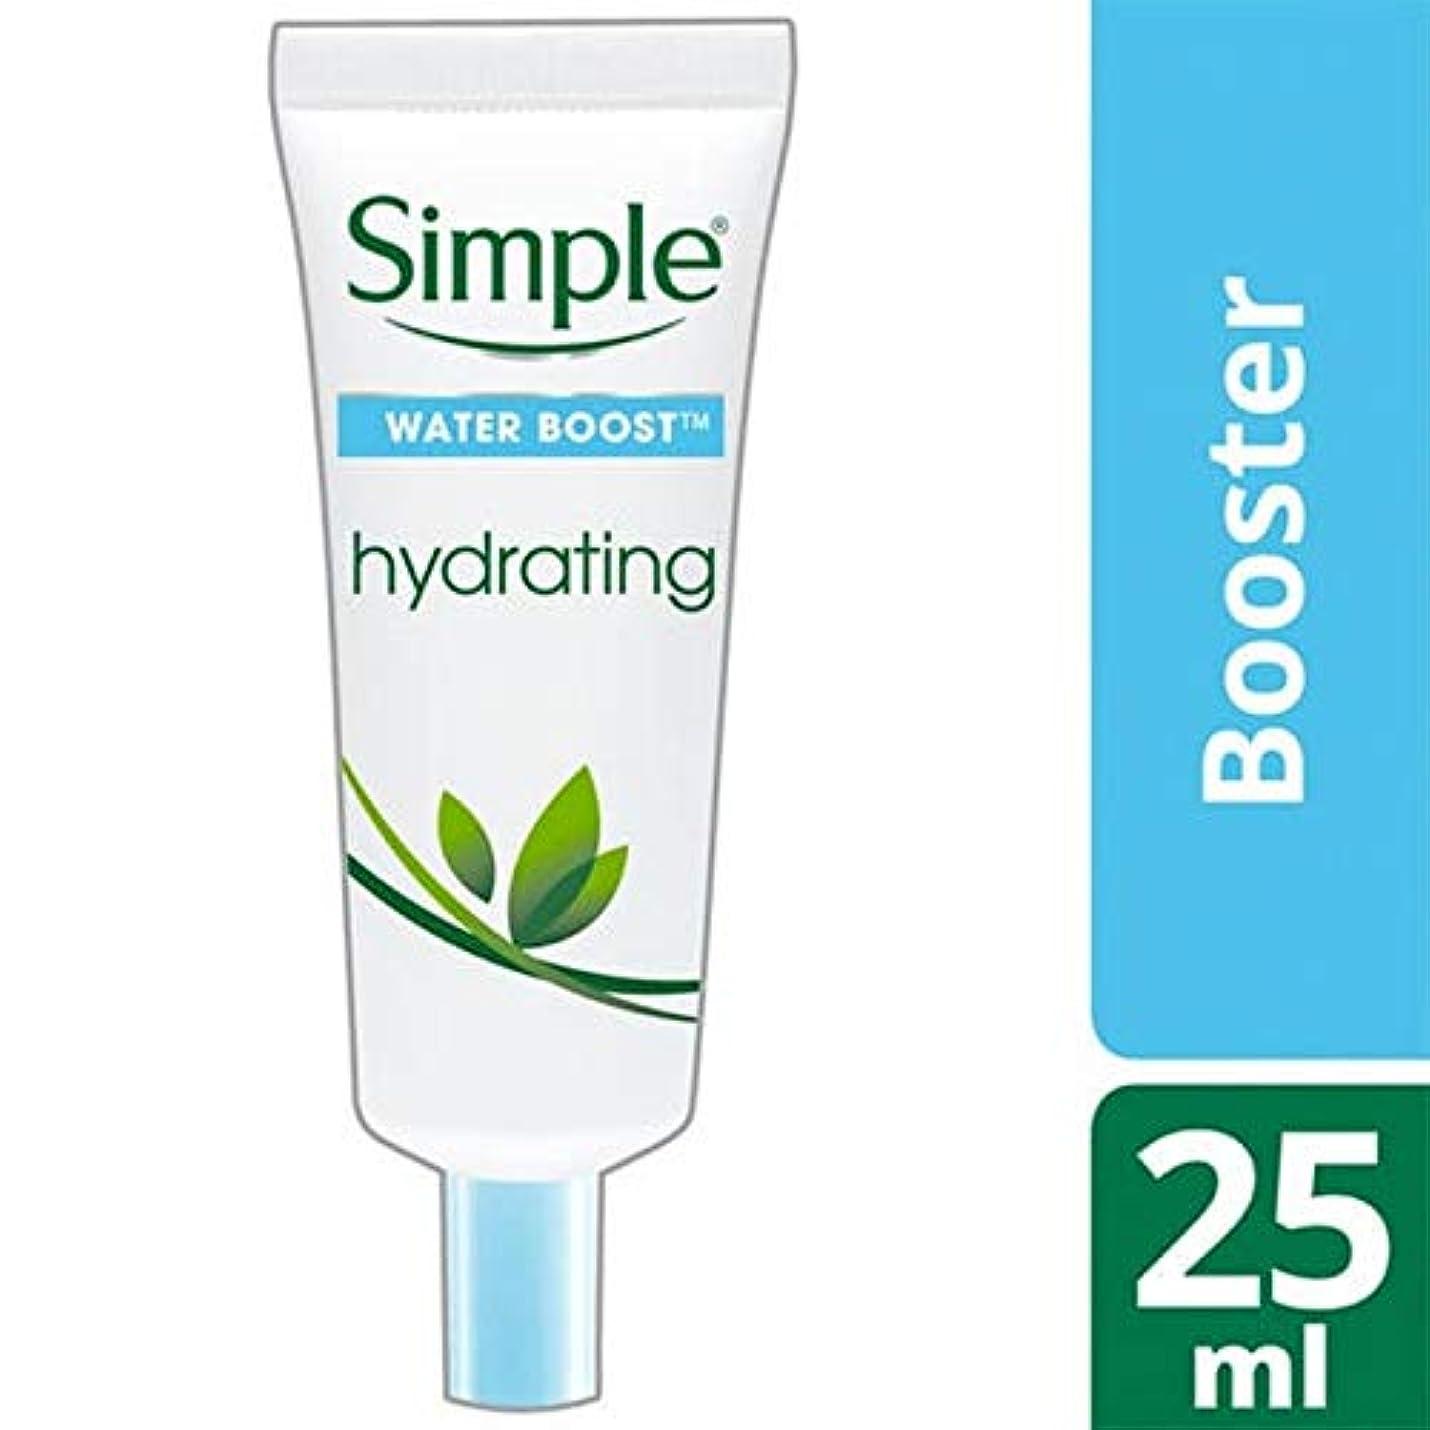 行方不明ほぼ中絶[Simple ] シンプルな水ブースト水和ブースター25ミリリットル - Simple Water Boost Hydrating Booster 25ml [並行輸入品]